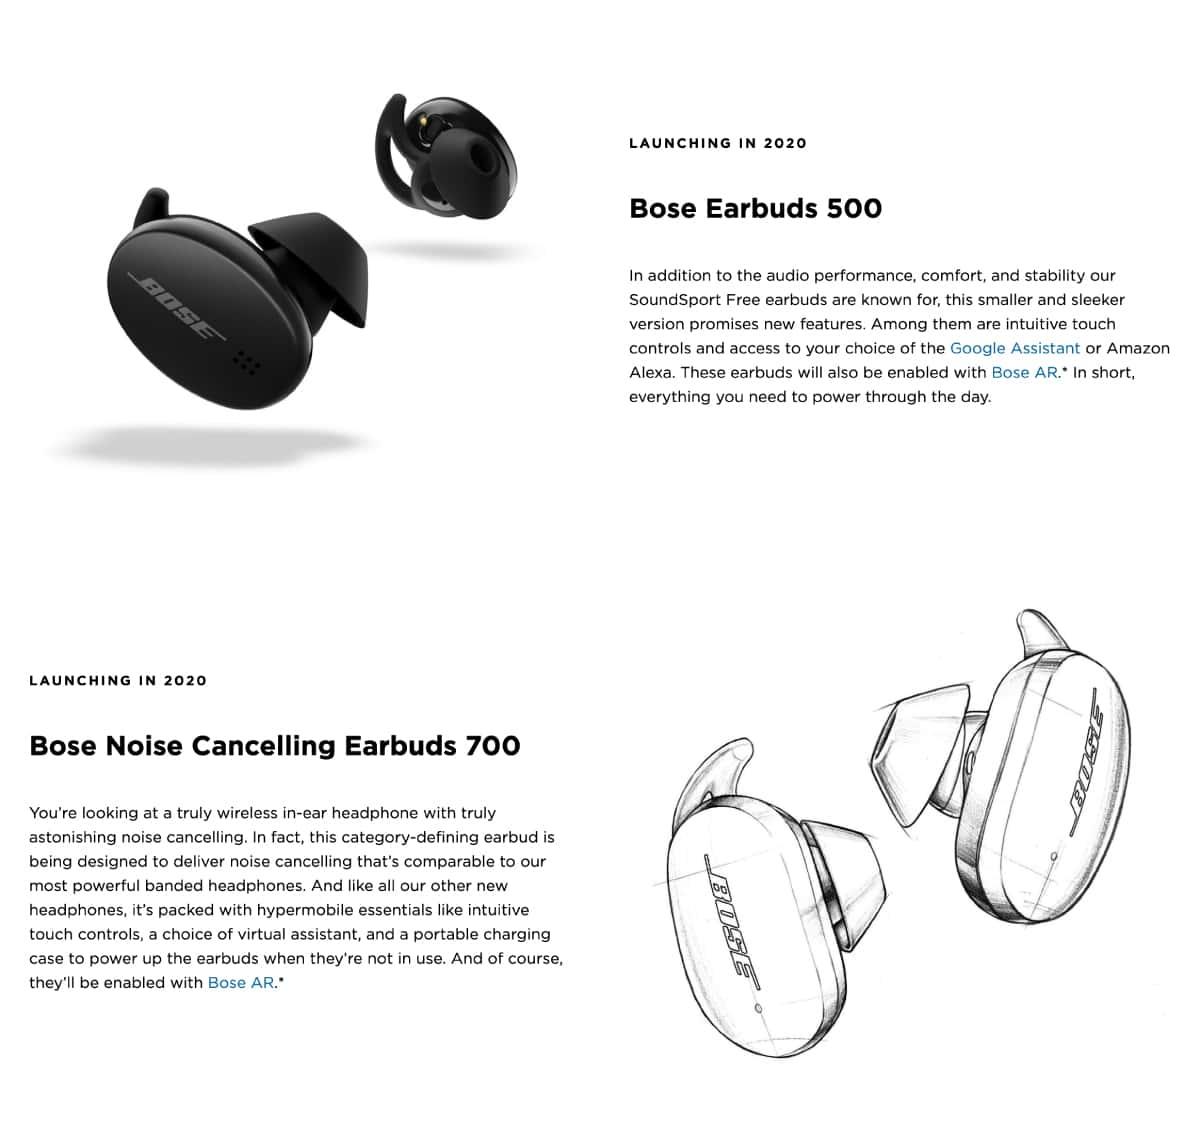 Boseの新型完全ワイヤレスイヤホンが2020年に2機種登場。